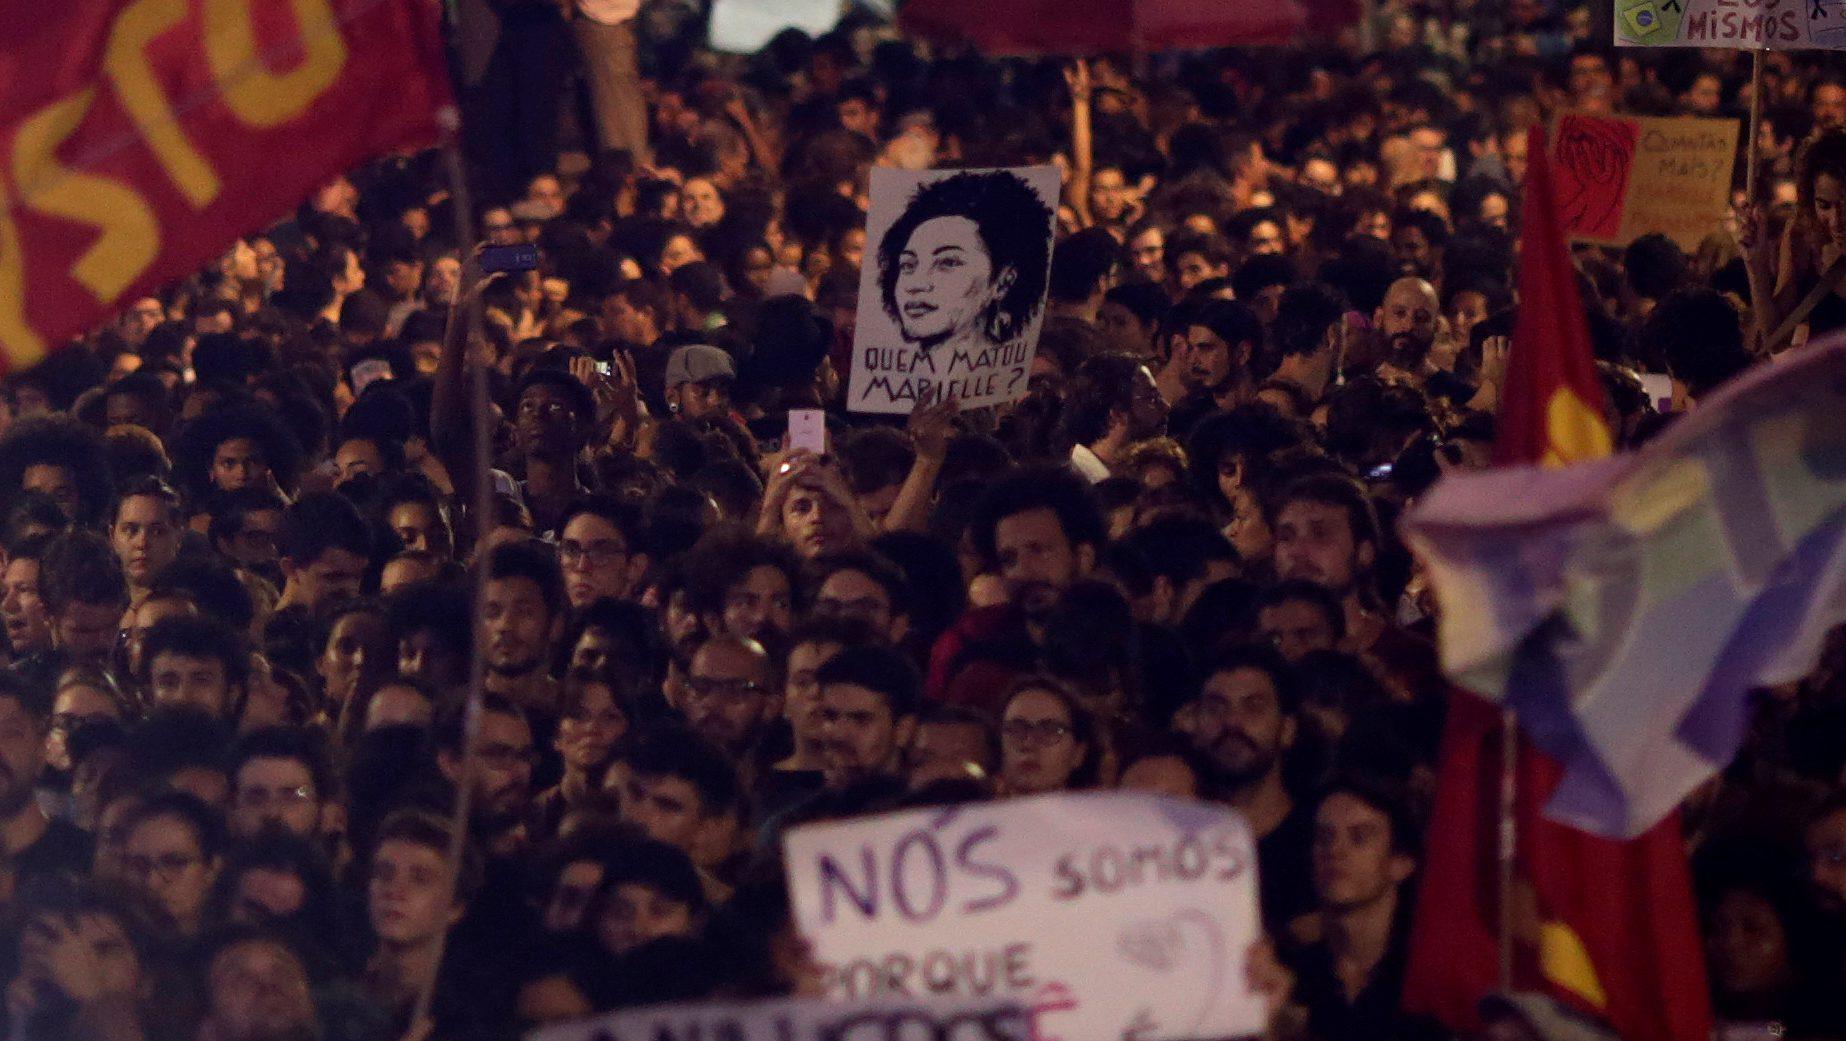 Demonstrators rally against the death of Rio de Janeiro city councilor Marielle Franco who was shot dead in Rio de Janeiro, Brazil